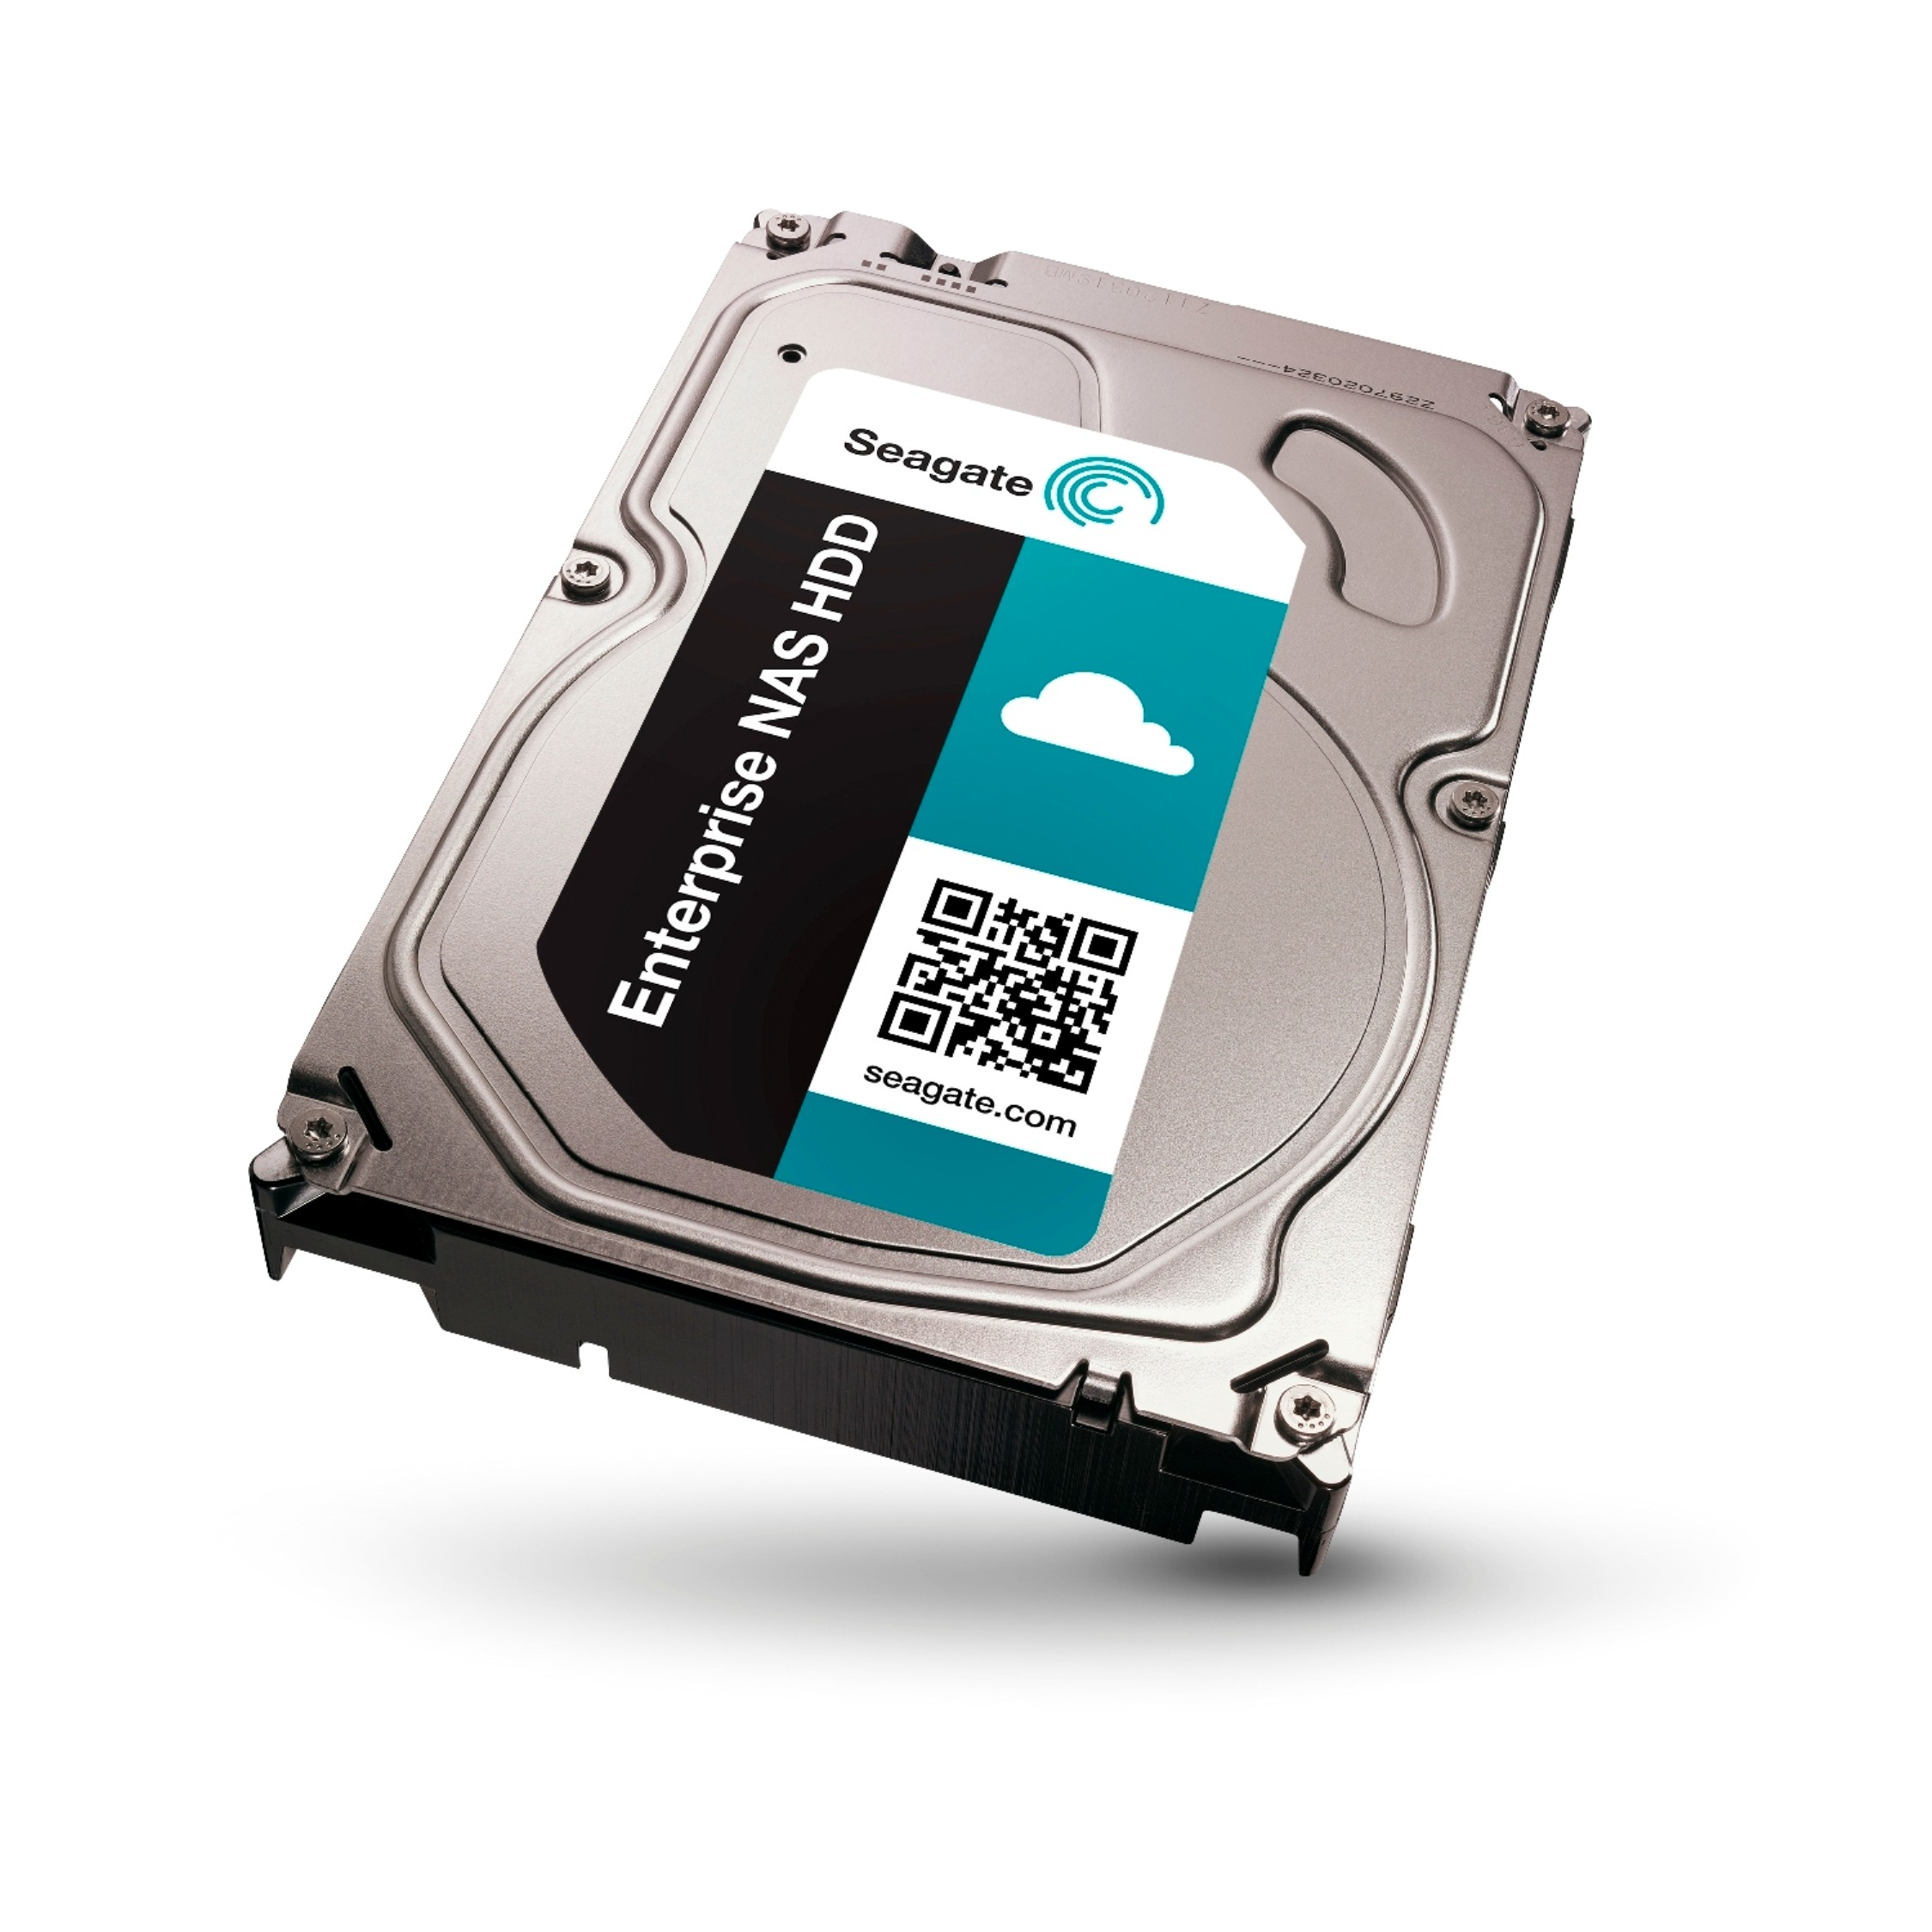 Seagate Enterprise NAS HDD 3TB 1 - Seagate giới thiệu ổ cứng NAS HDD mới